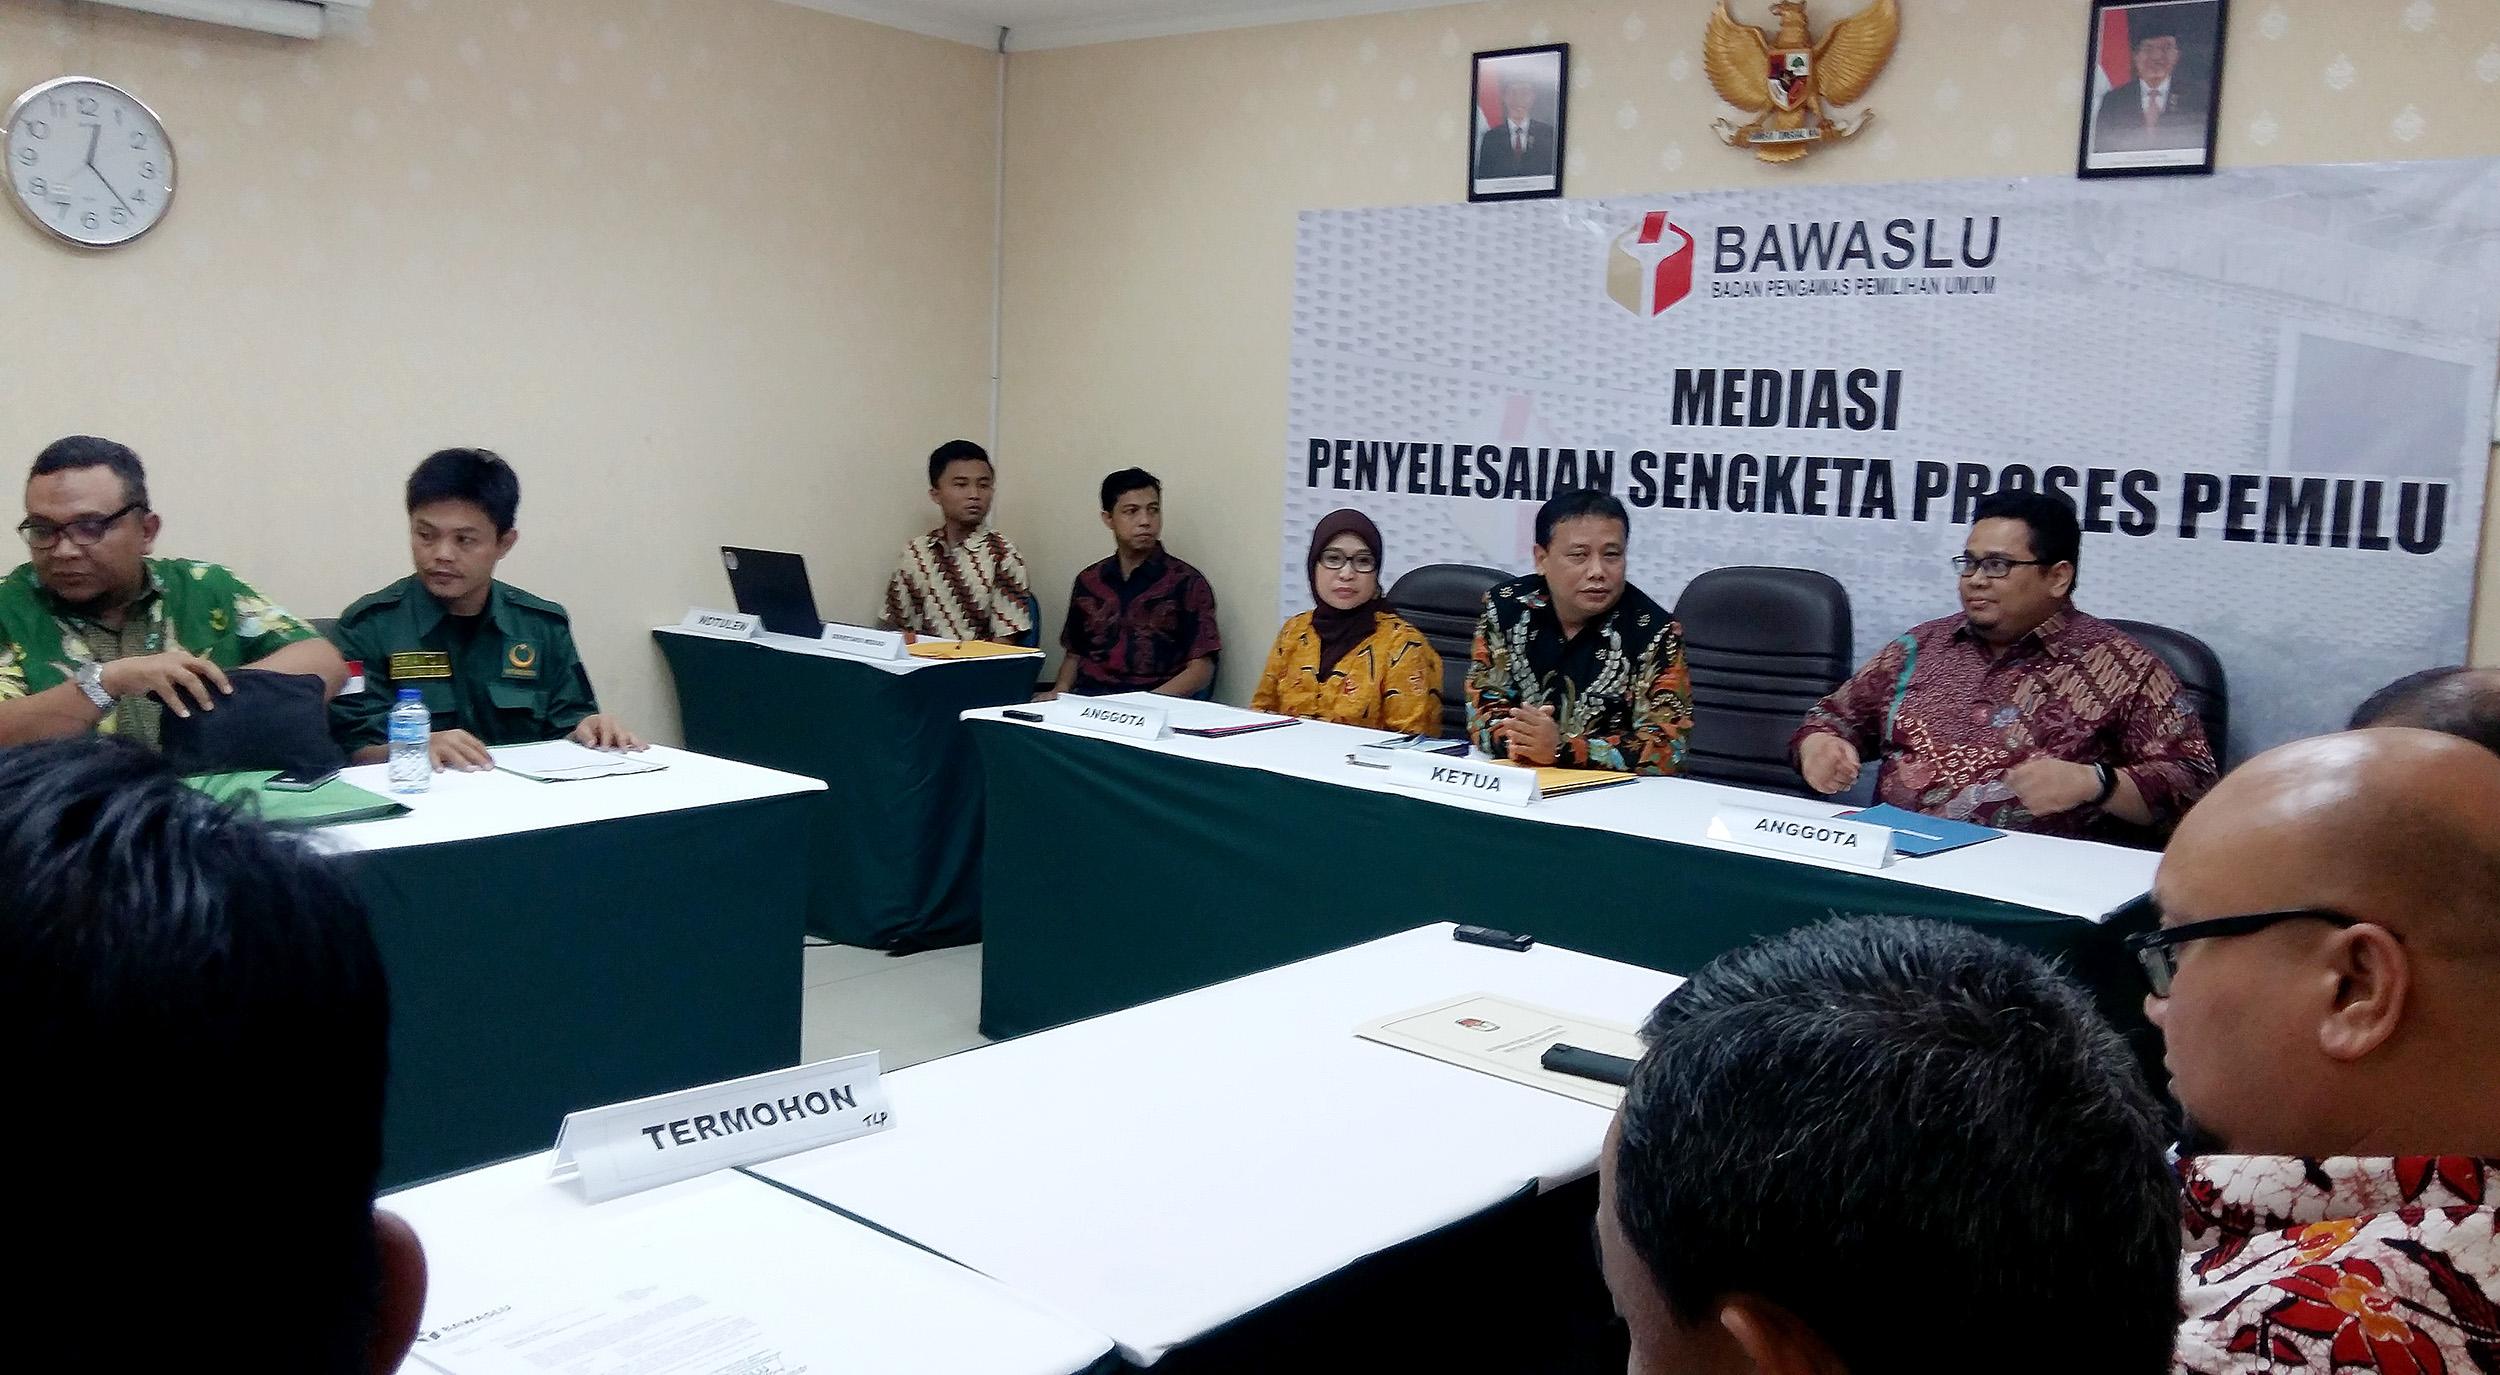 Mediasi Tak Capai Kesepakatan Bawaslu Akan Memutus Seadil Adilnya Badan Pengawas Pemilihan Umum Republik Indonesia